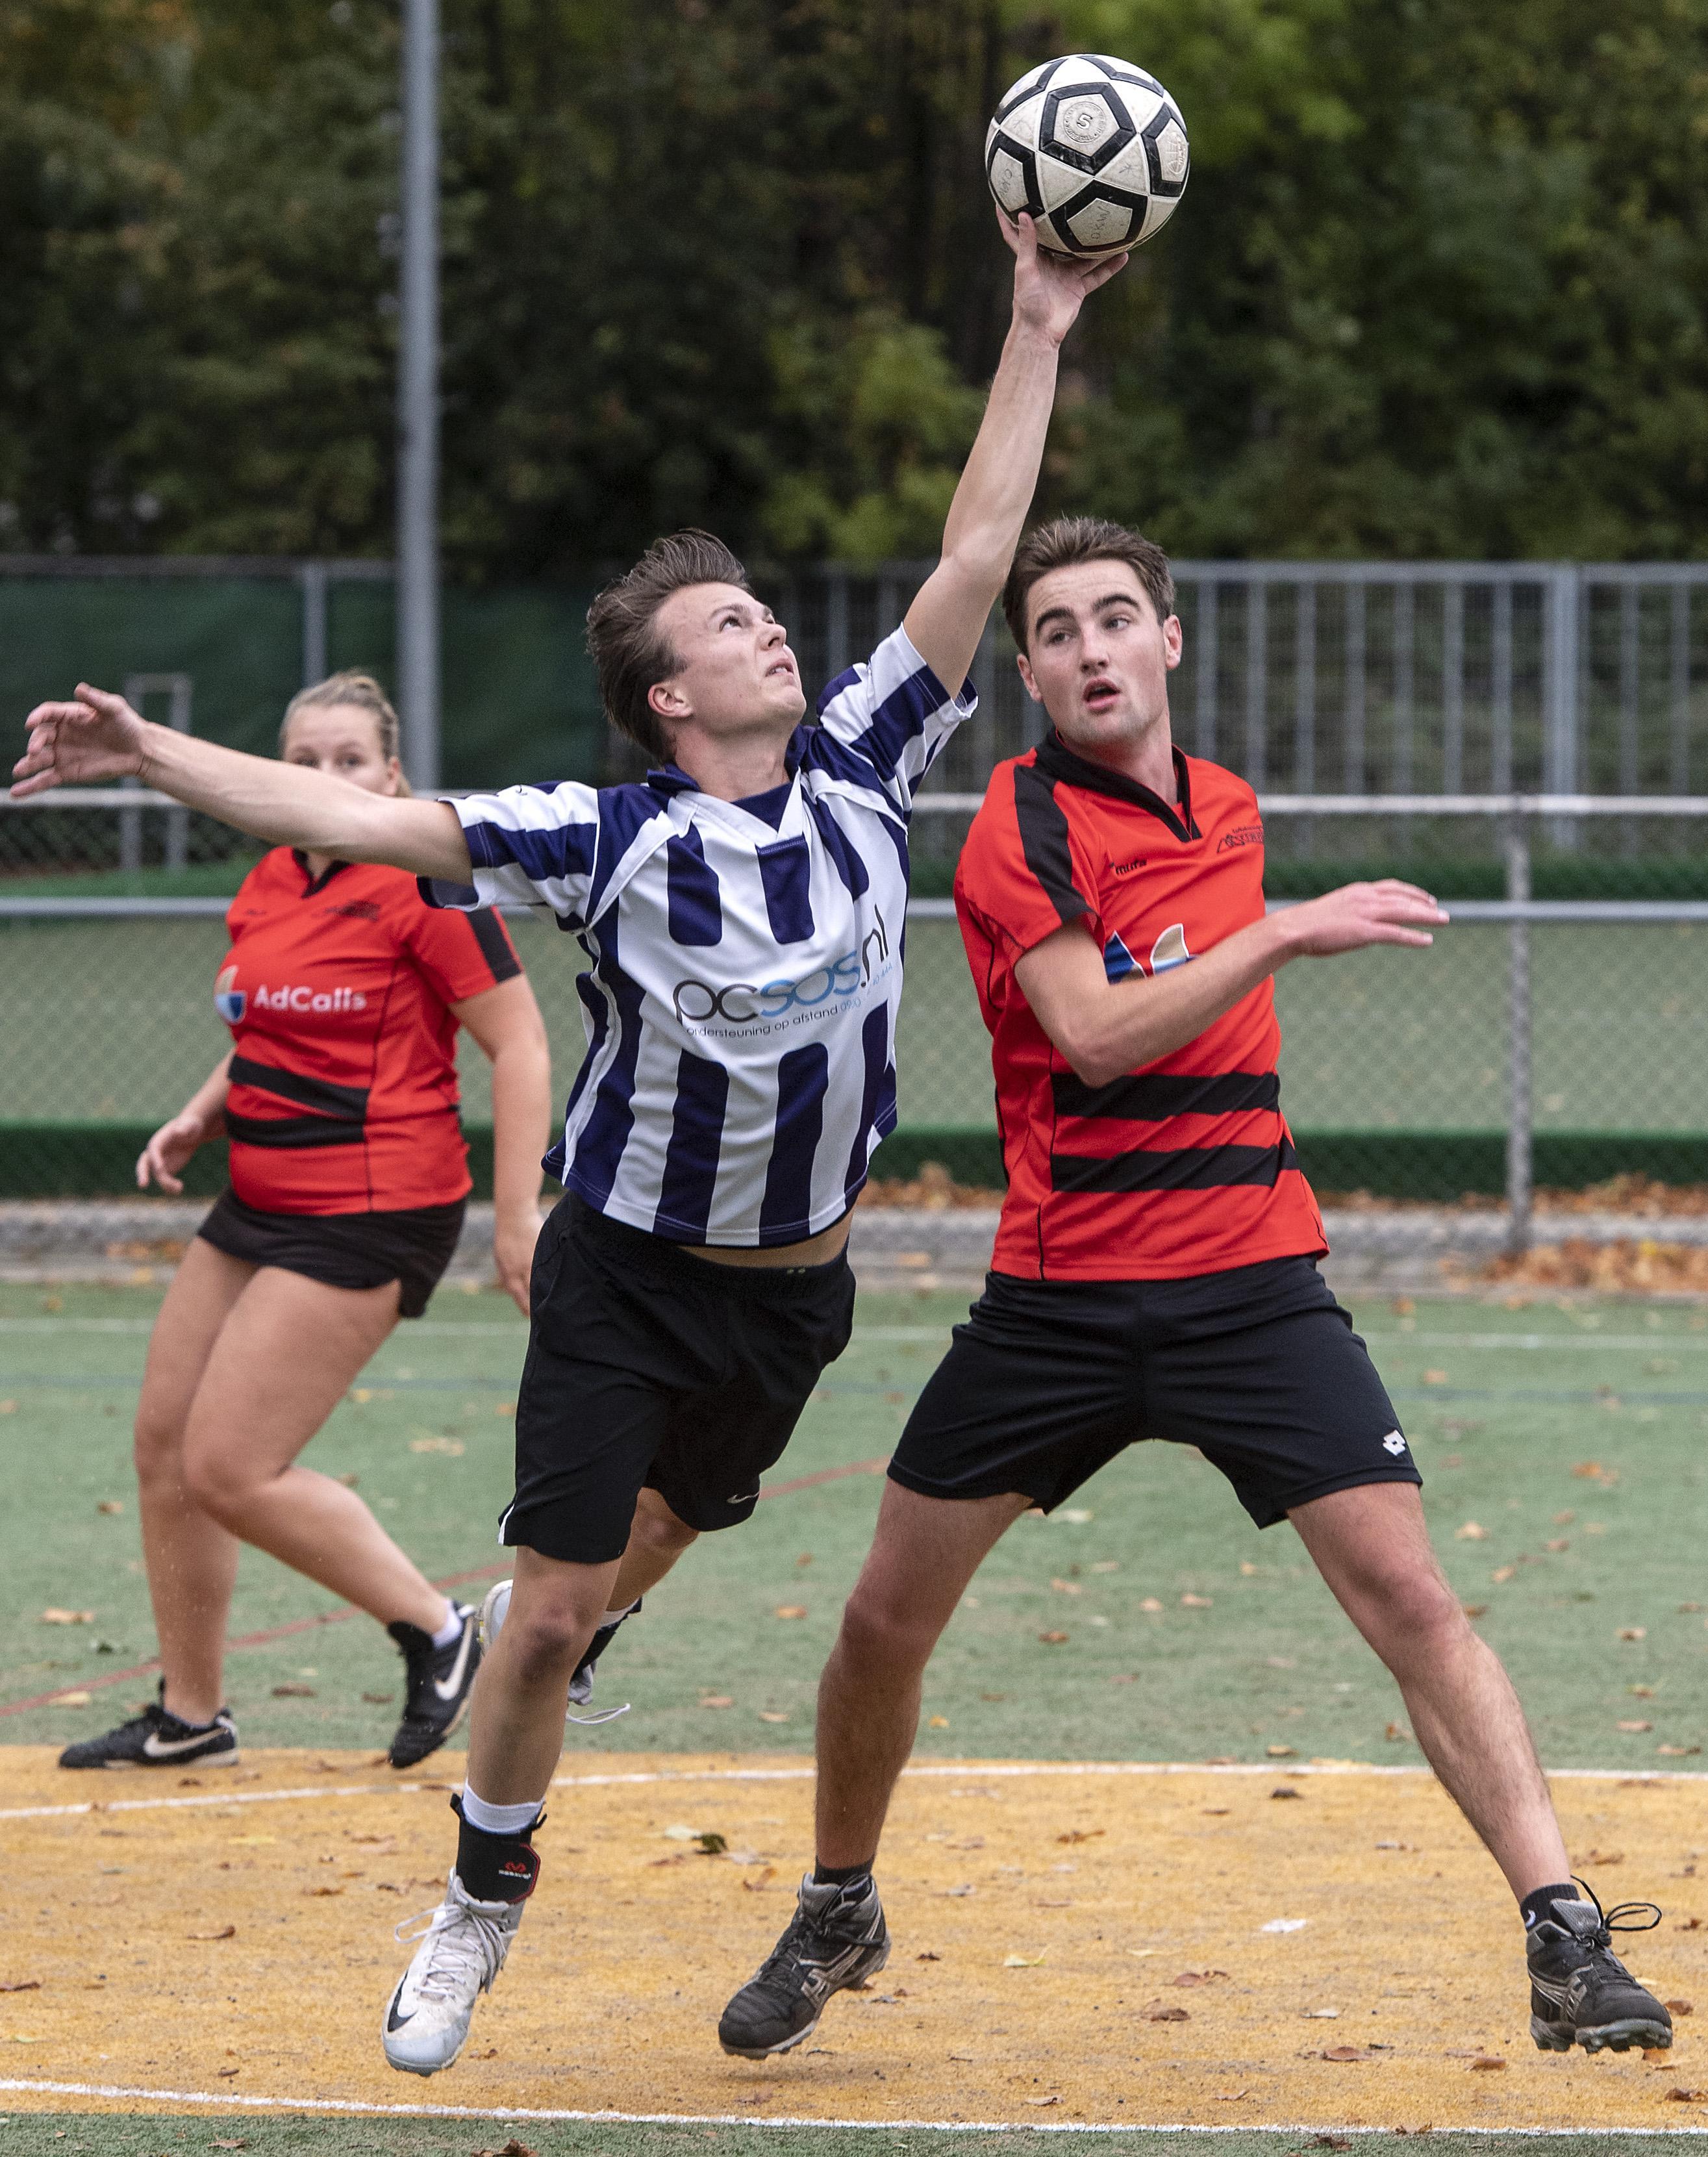 Korfbalploegen Oosterkwartier en DKV maken stap omhoog